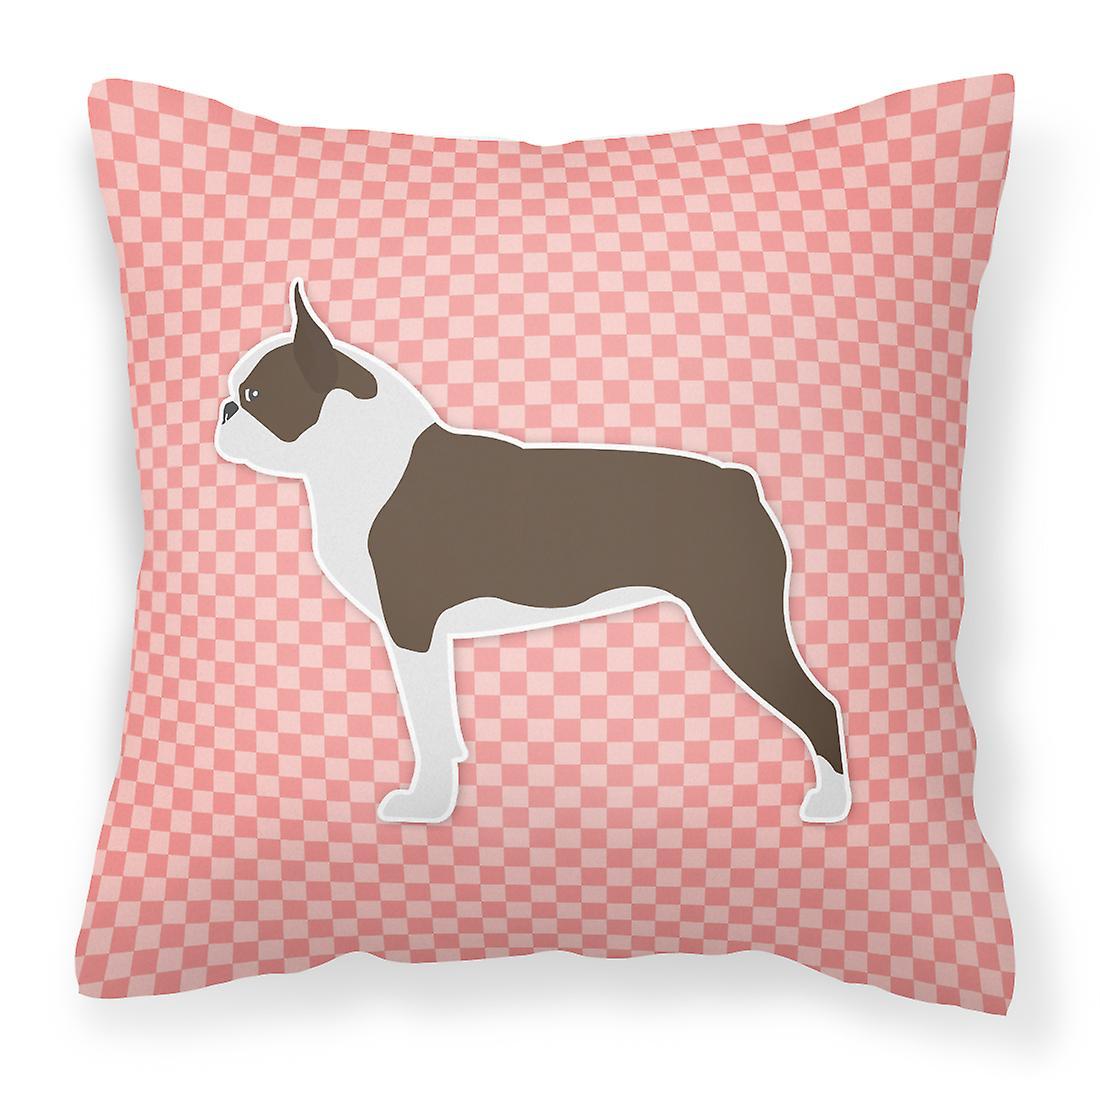 Boston Oreiller Décoratif Terrier Damier Tissu Rose CWroxBed